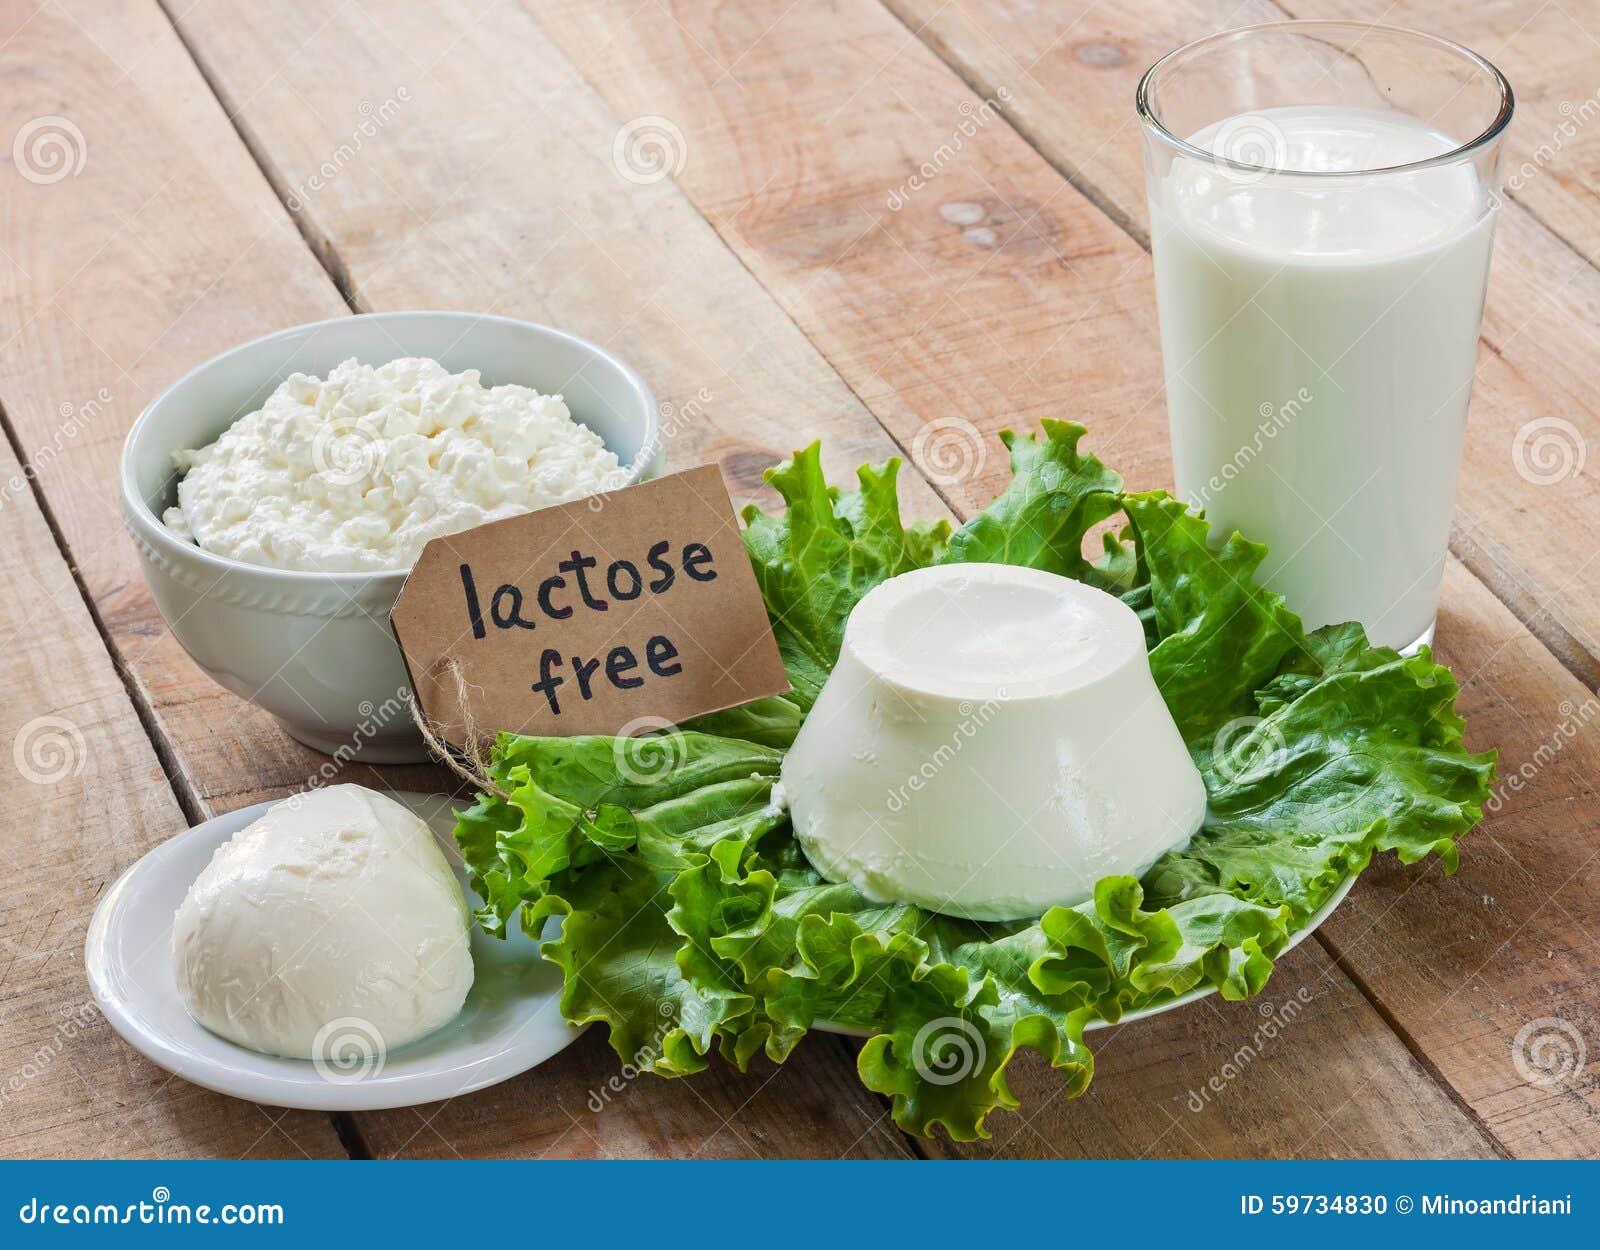 Intolerancia sin lactosa